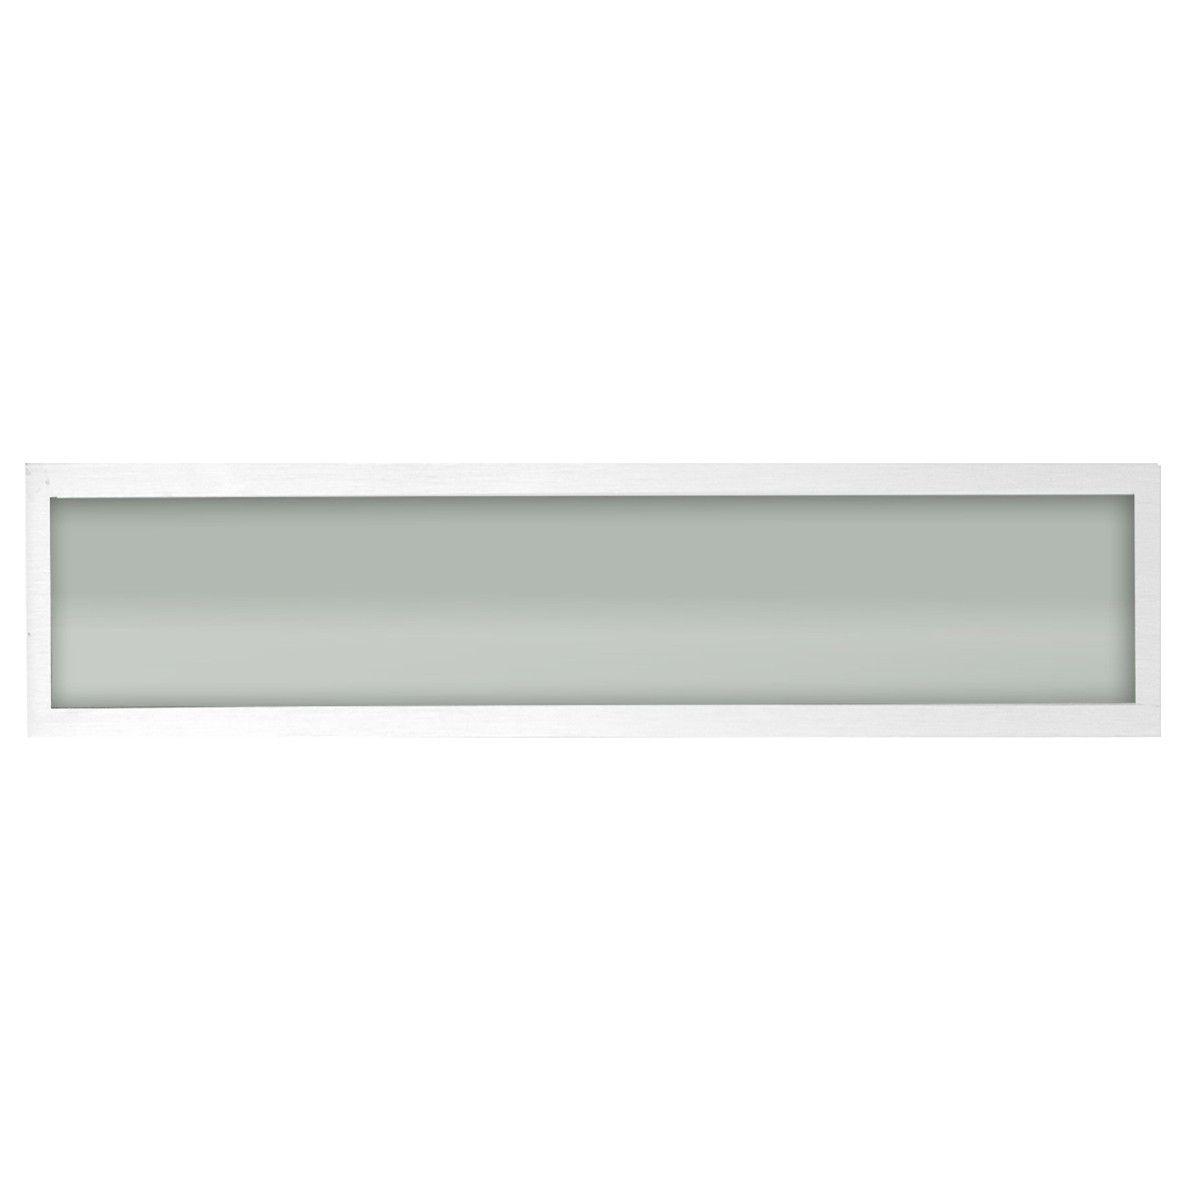 Plafon Space Emb. Ret.   75cm Alum. Vidro Fosco 2x20w Fluor.  Branco 10 Unidades